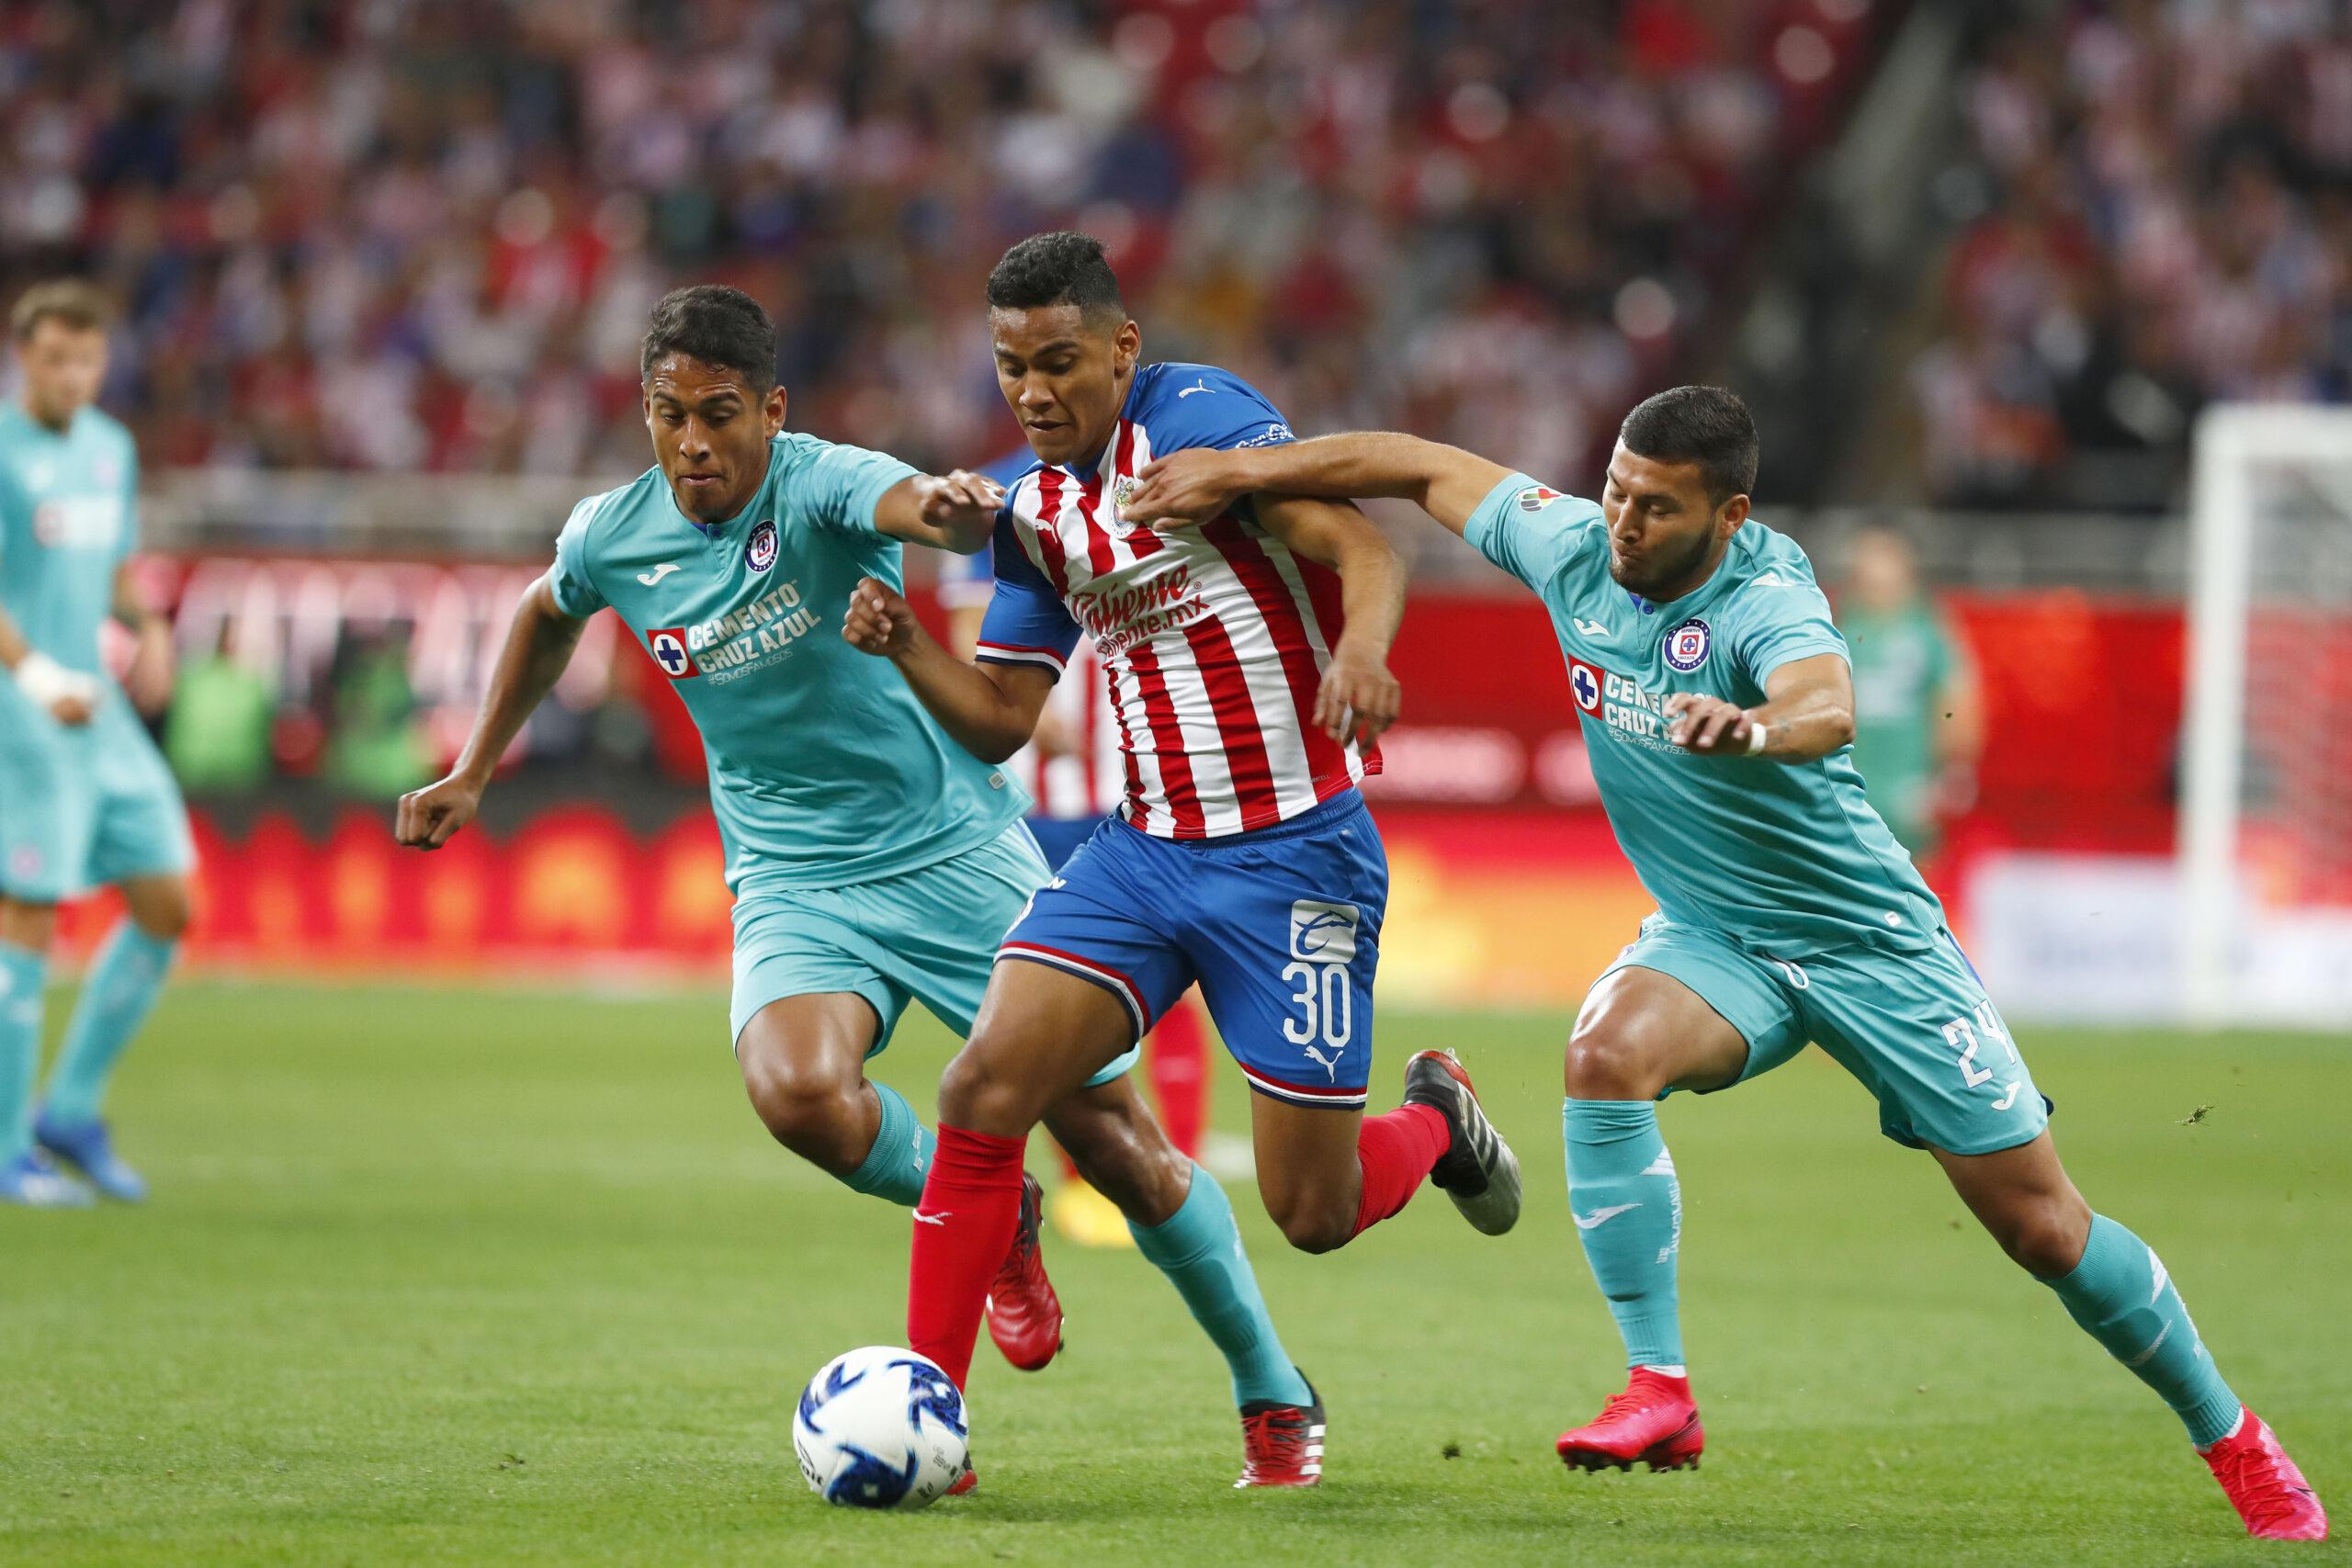 Cruz Azul y Chivas buscan asegurar su boleto a la Fase Final